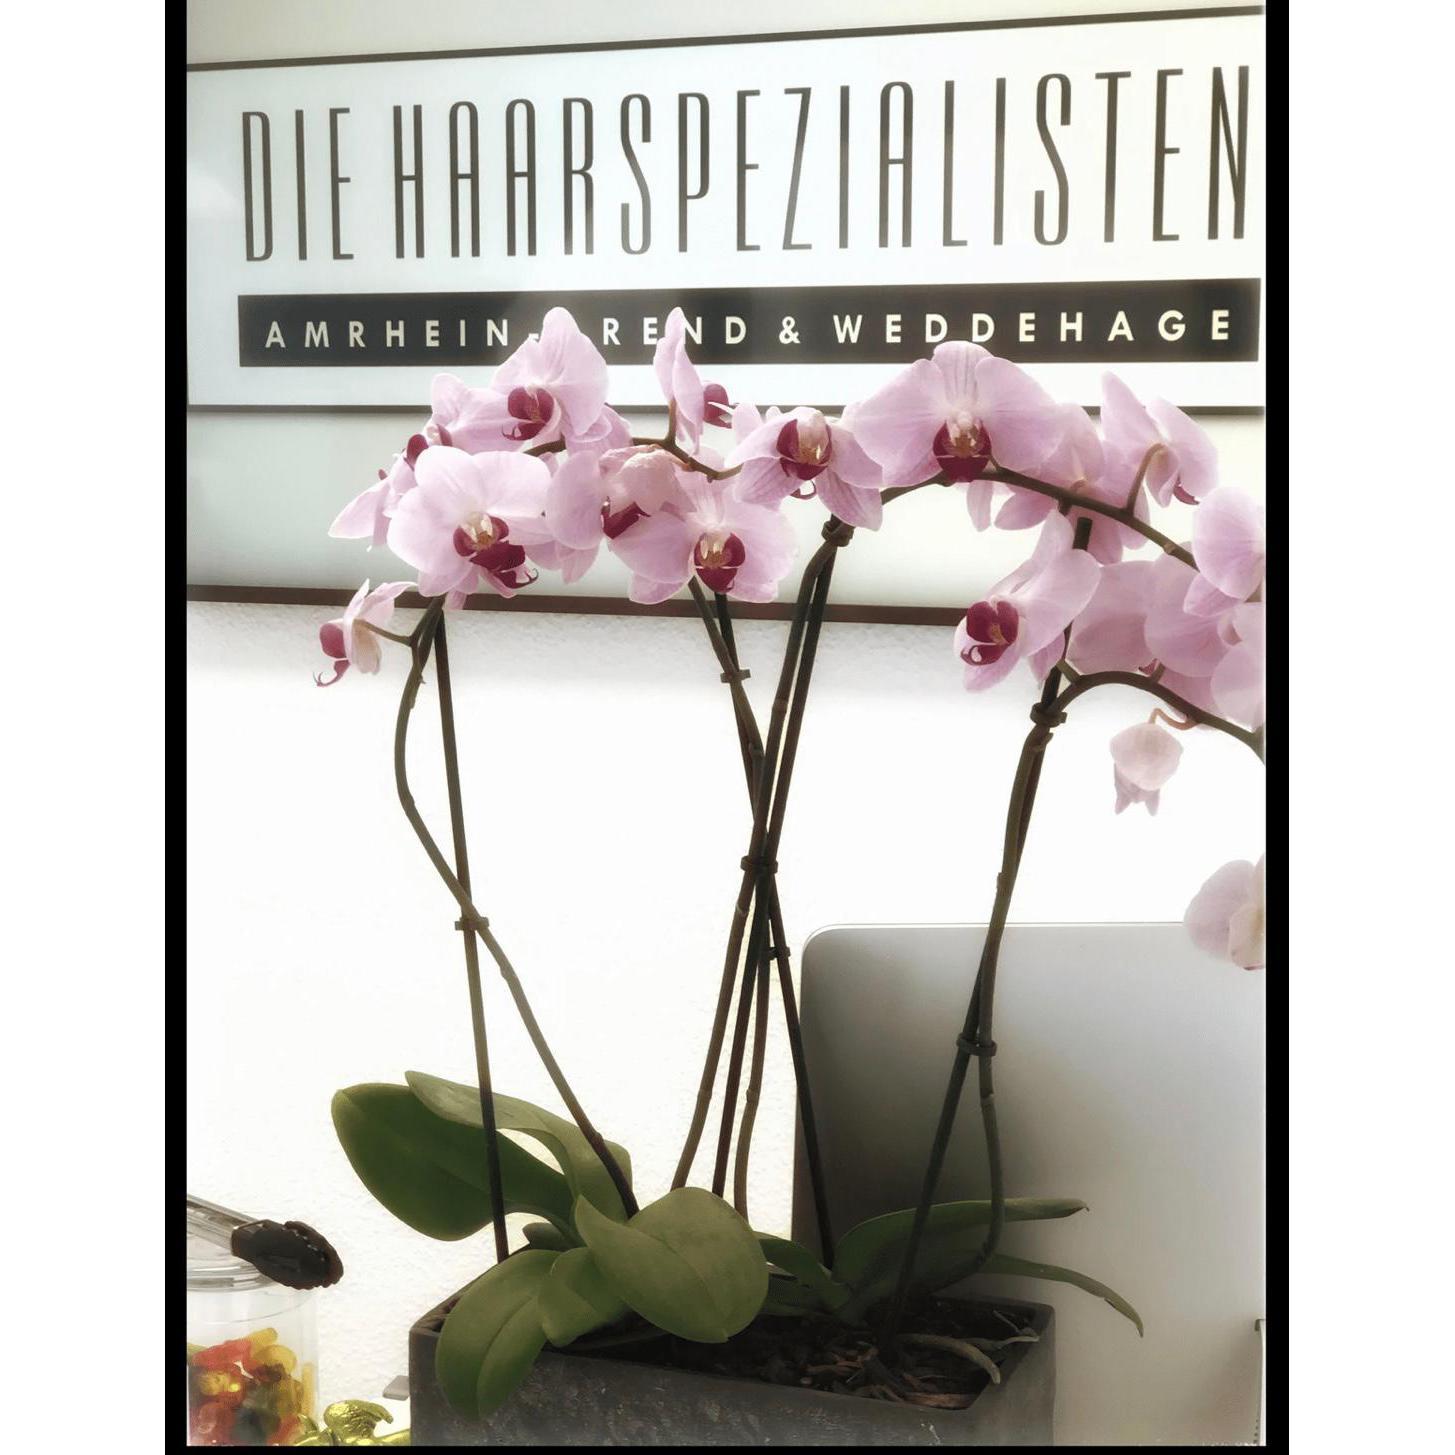 Die Haarspezialisten Amrhein-Arend & Weddehage GbR